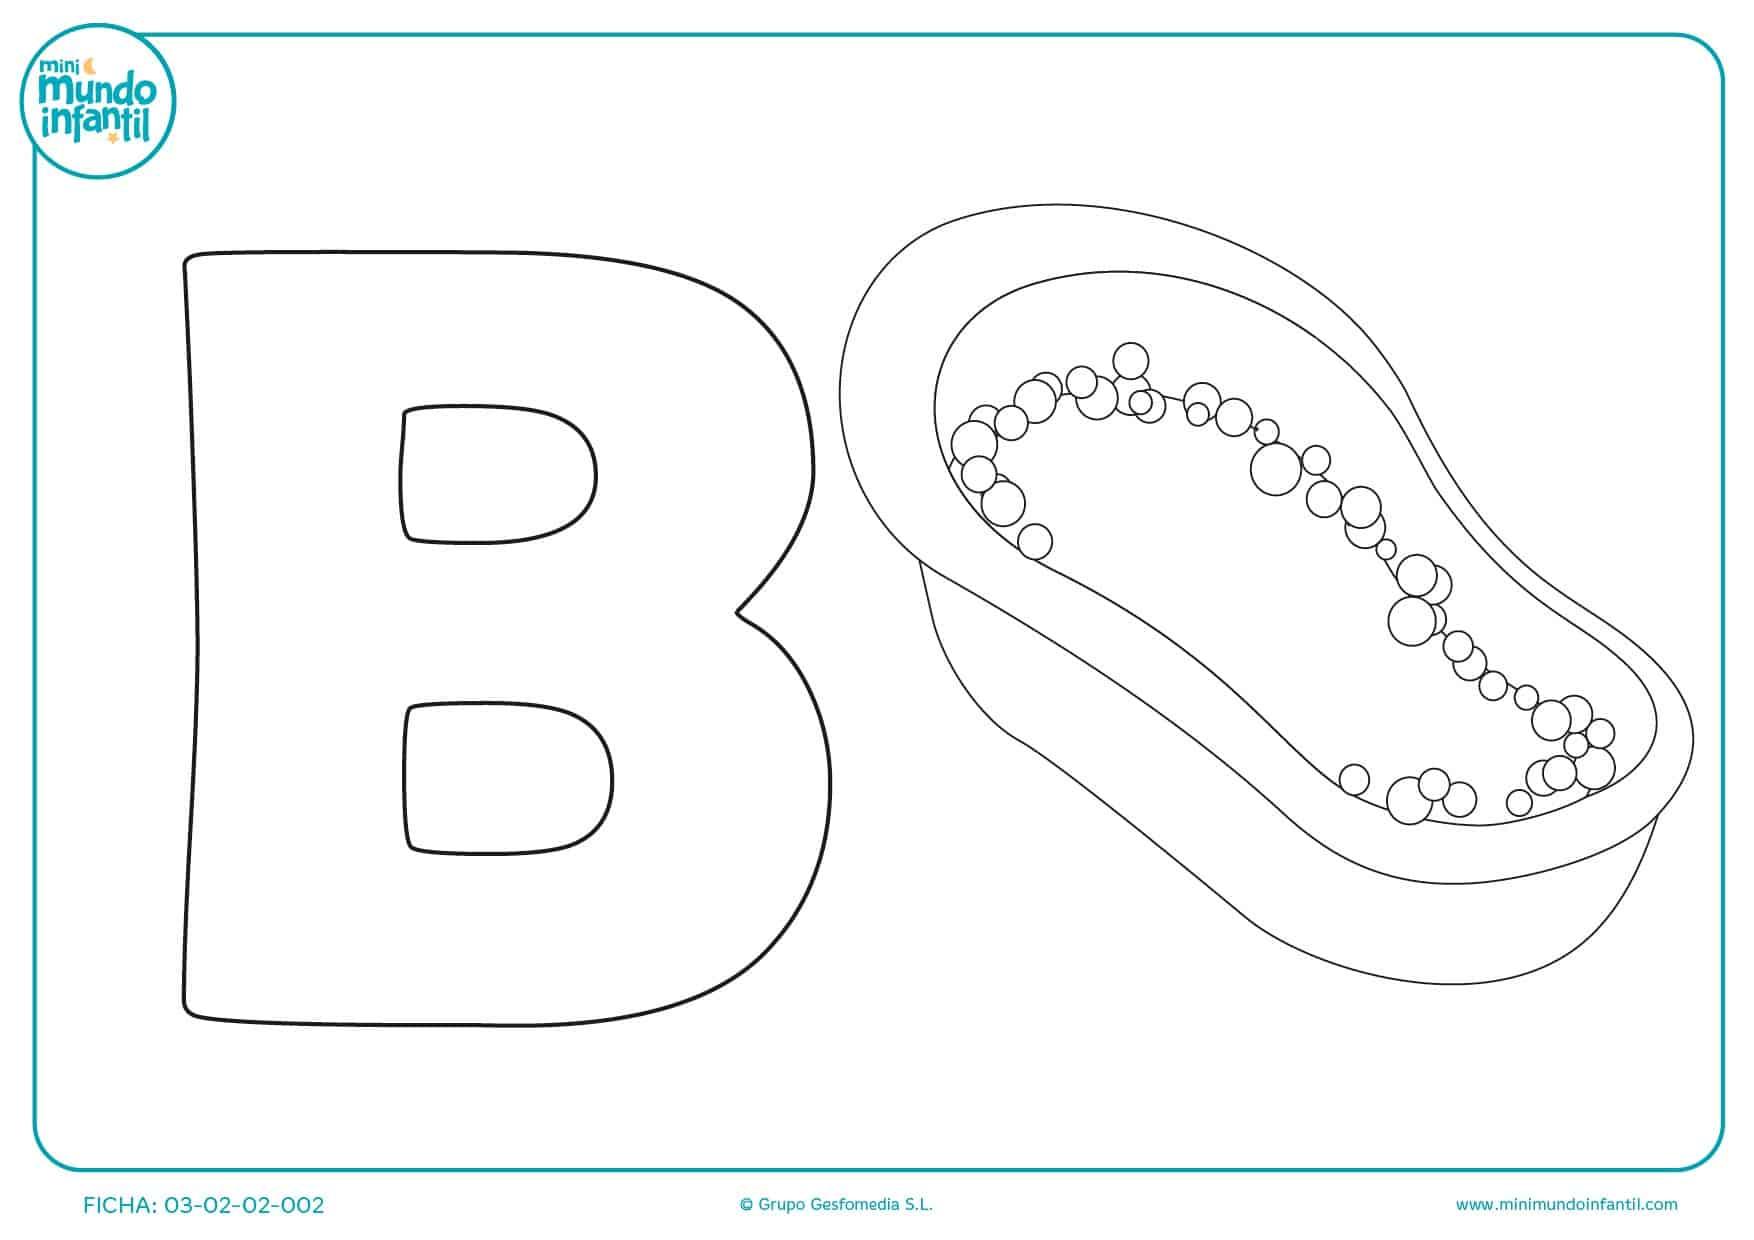 Rellenar la letra B y el dibujo de la bañera con tus colores favoritos